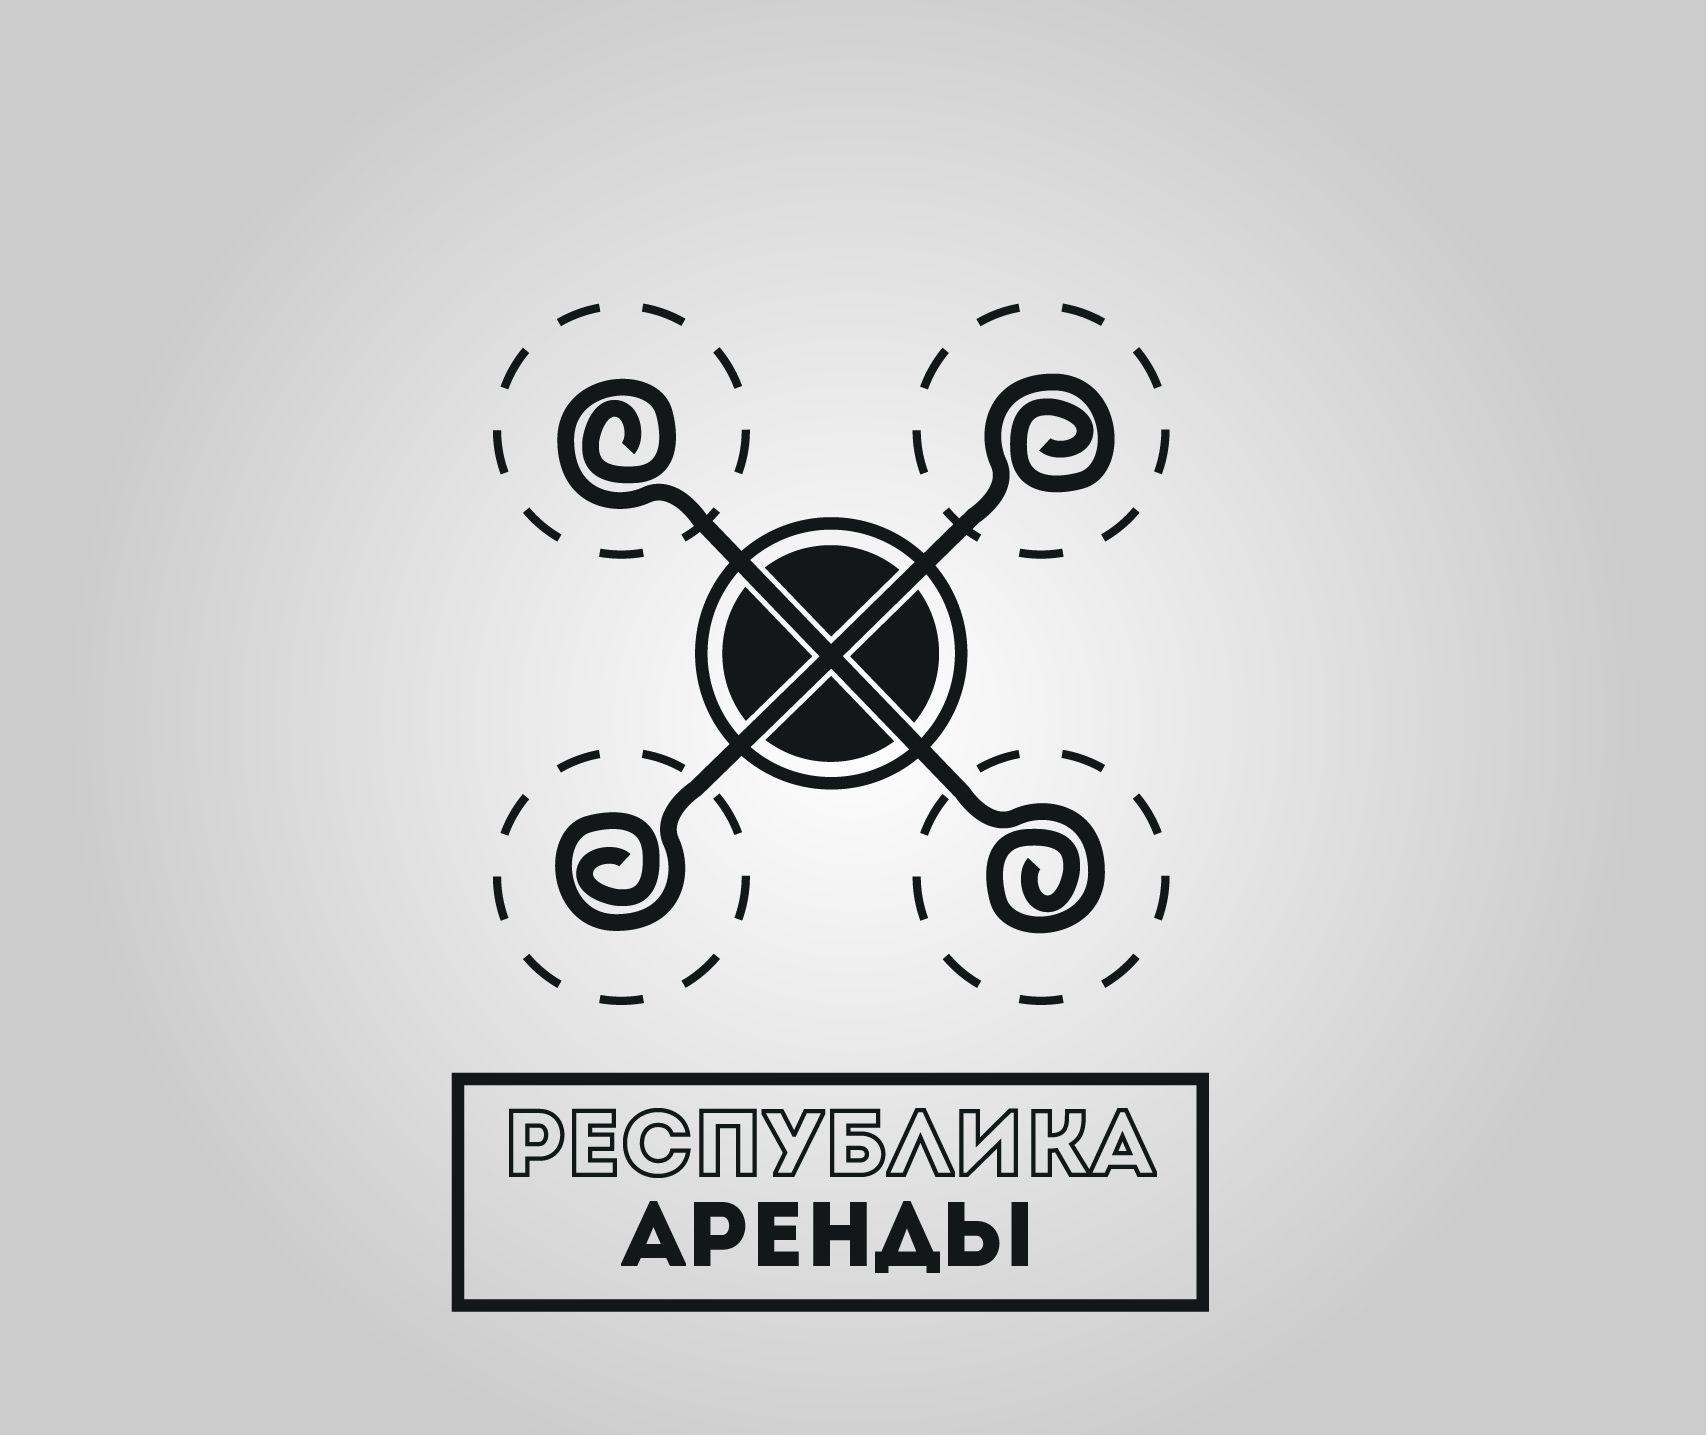 Логотип для компании по аренде квадракоптеров - дизайнер asyaetc